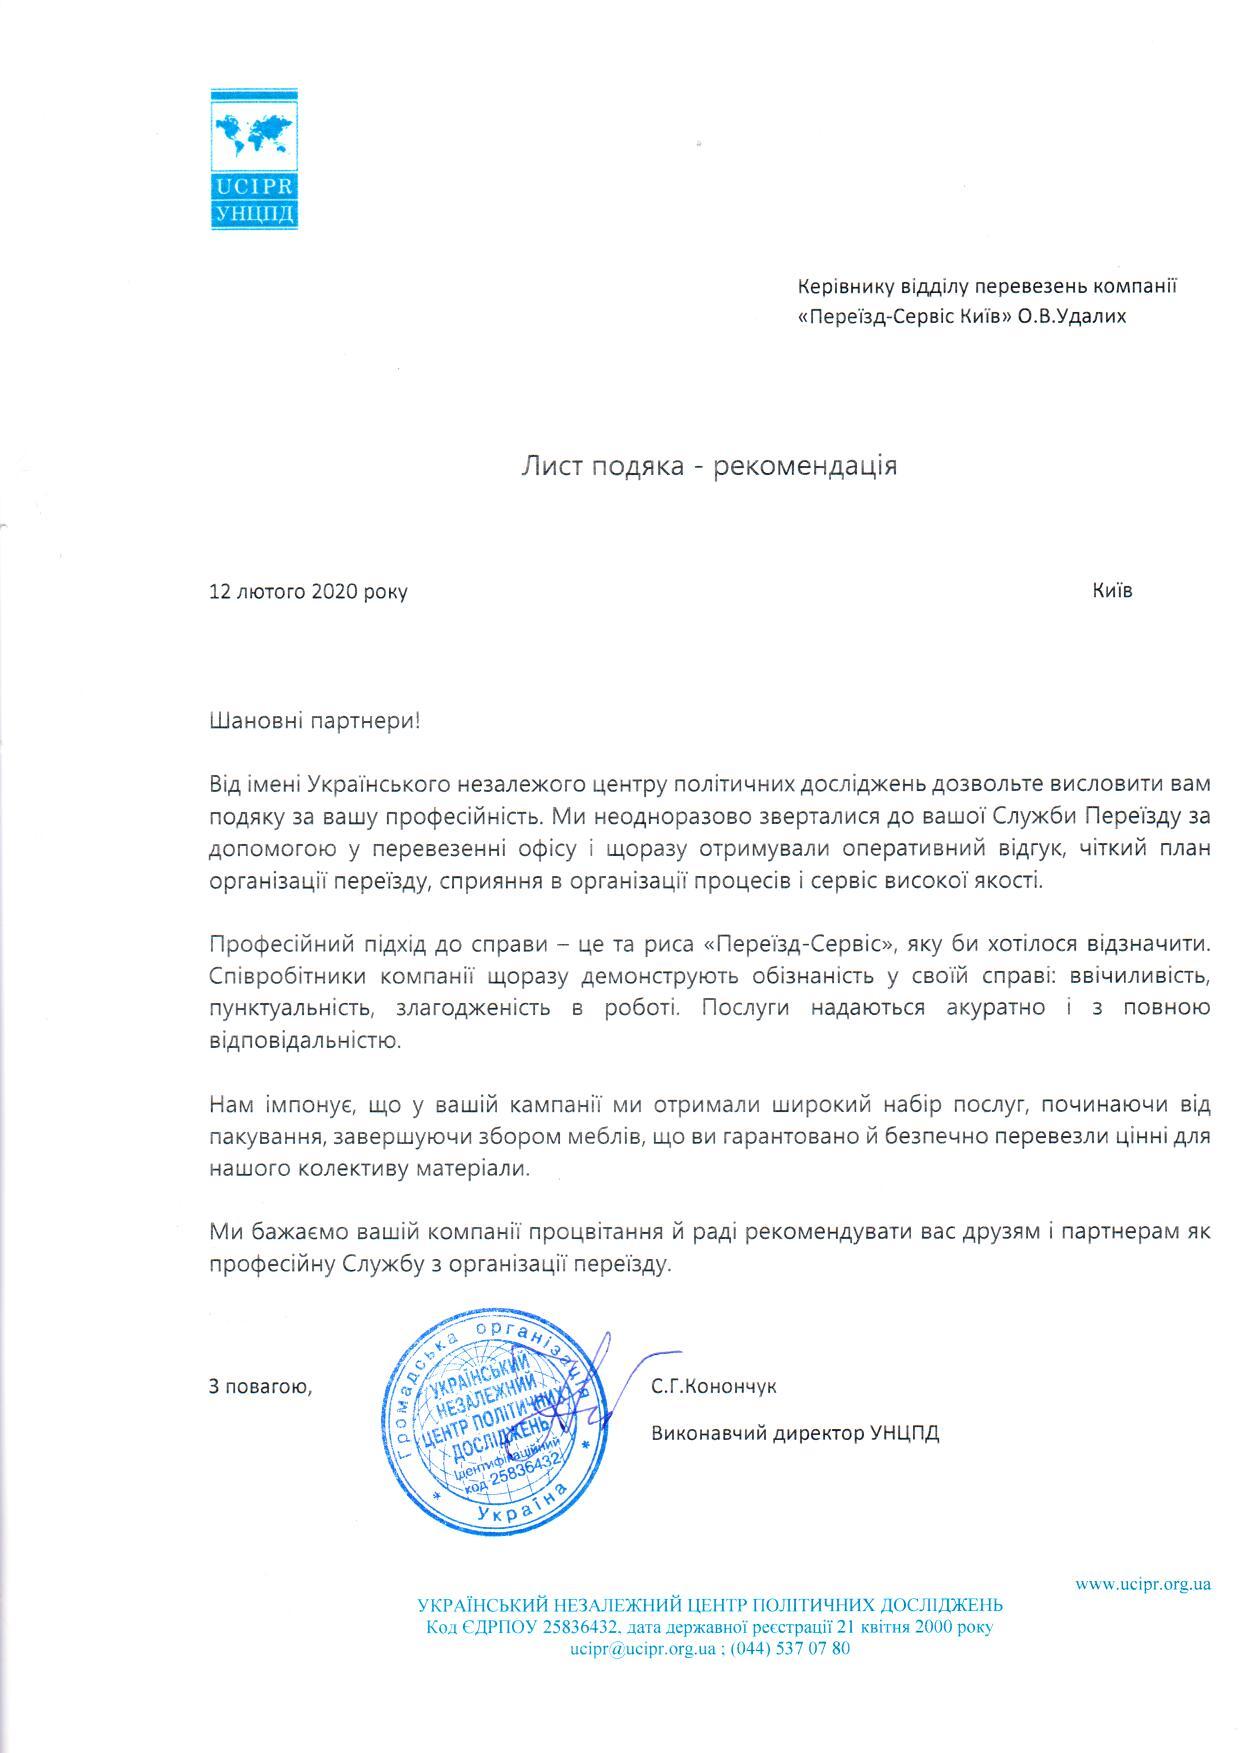 Отзыв — Український незалежний центр політичних досліджень